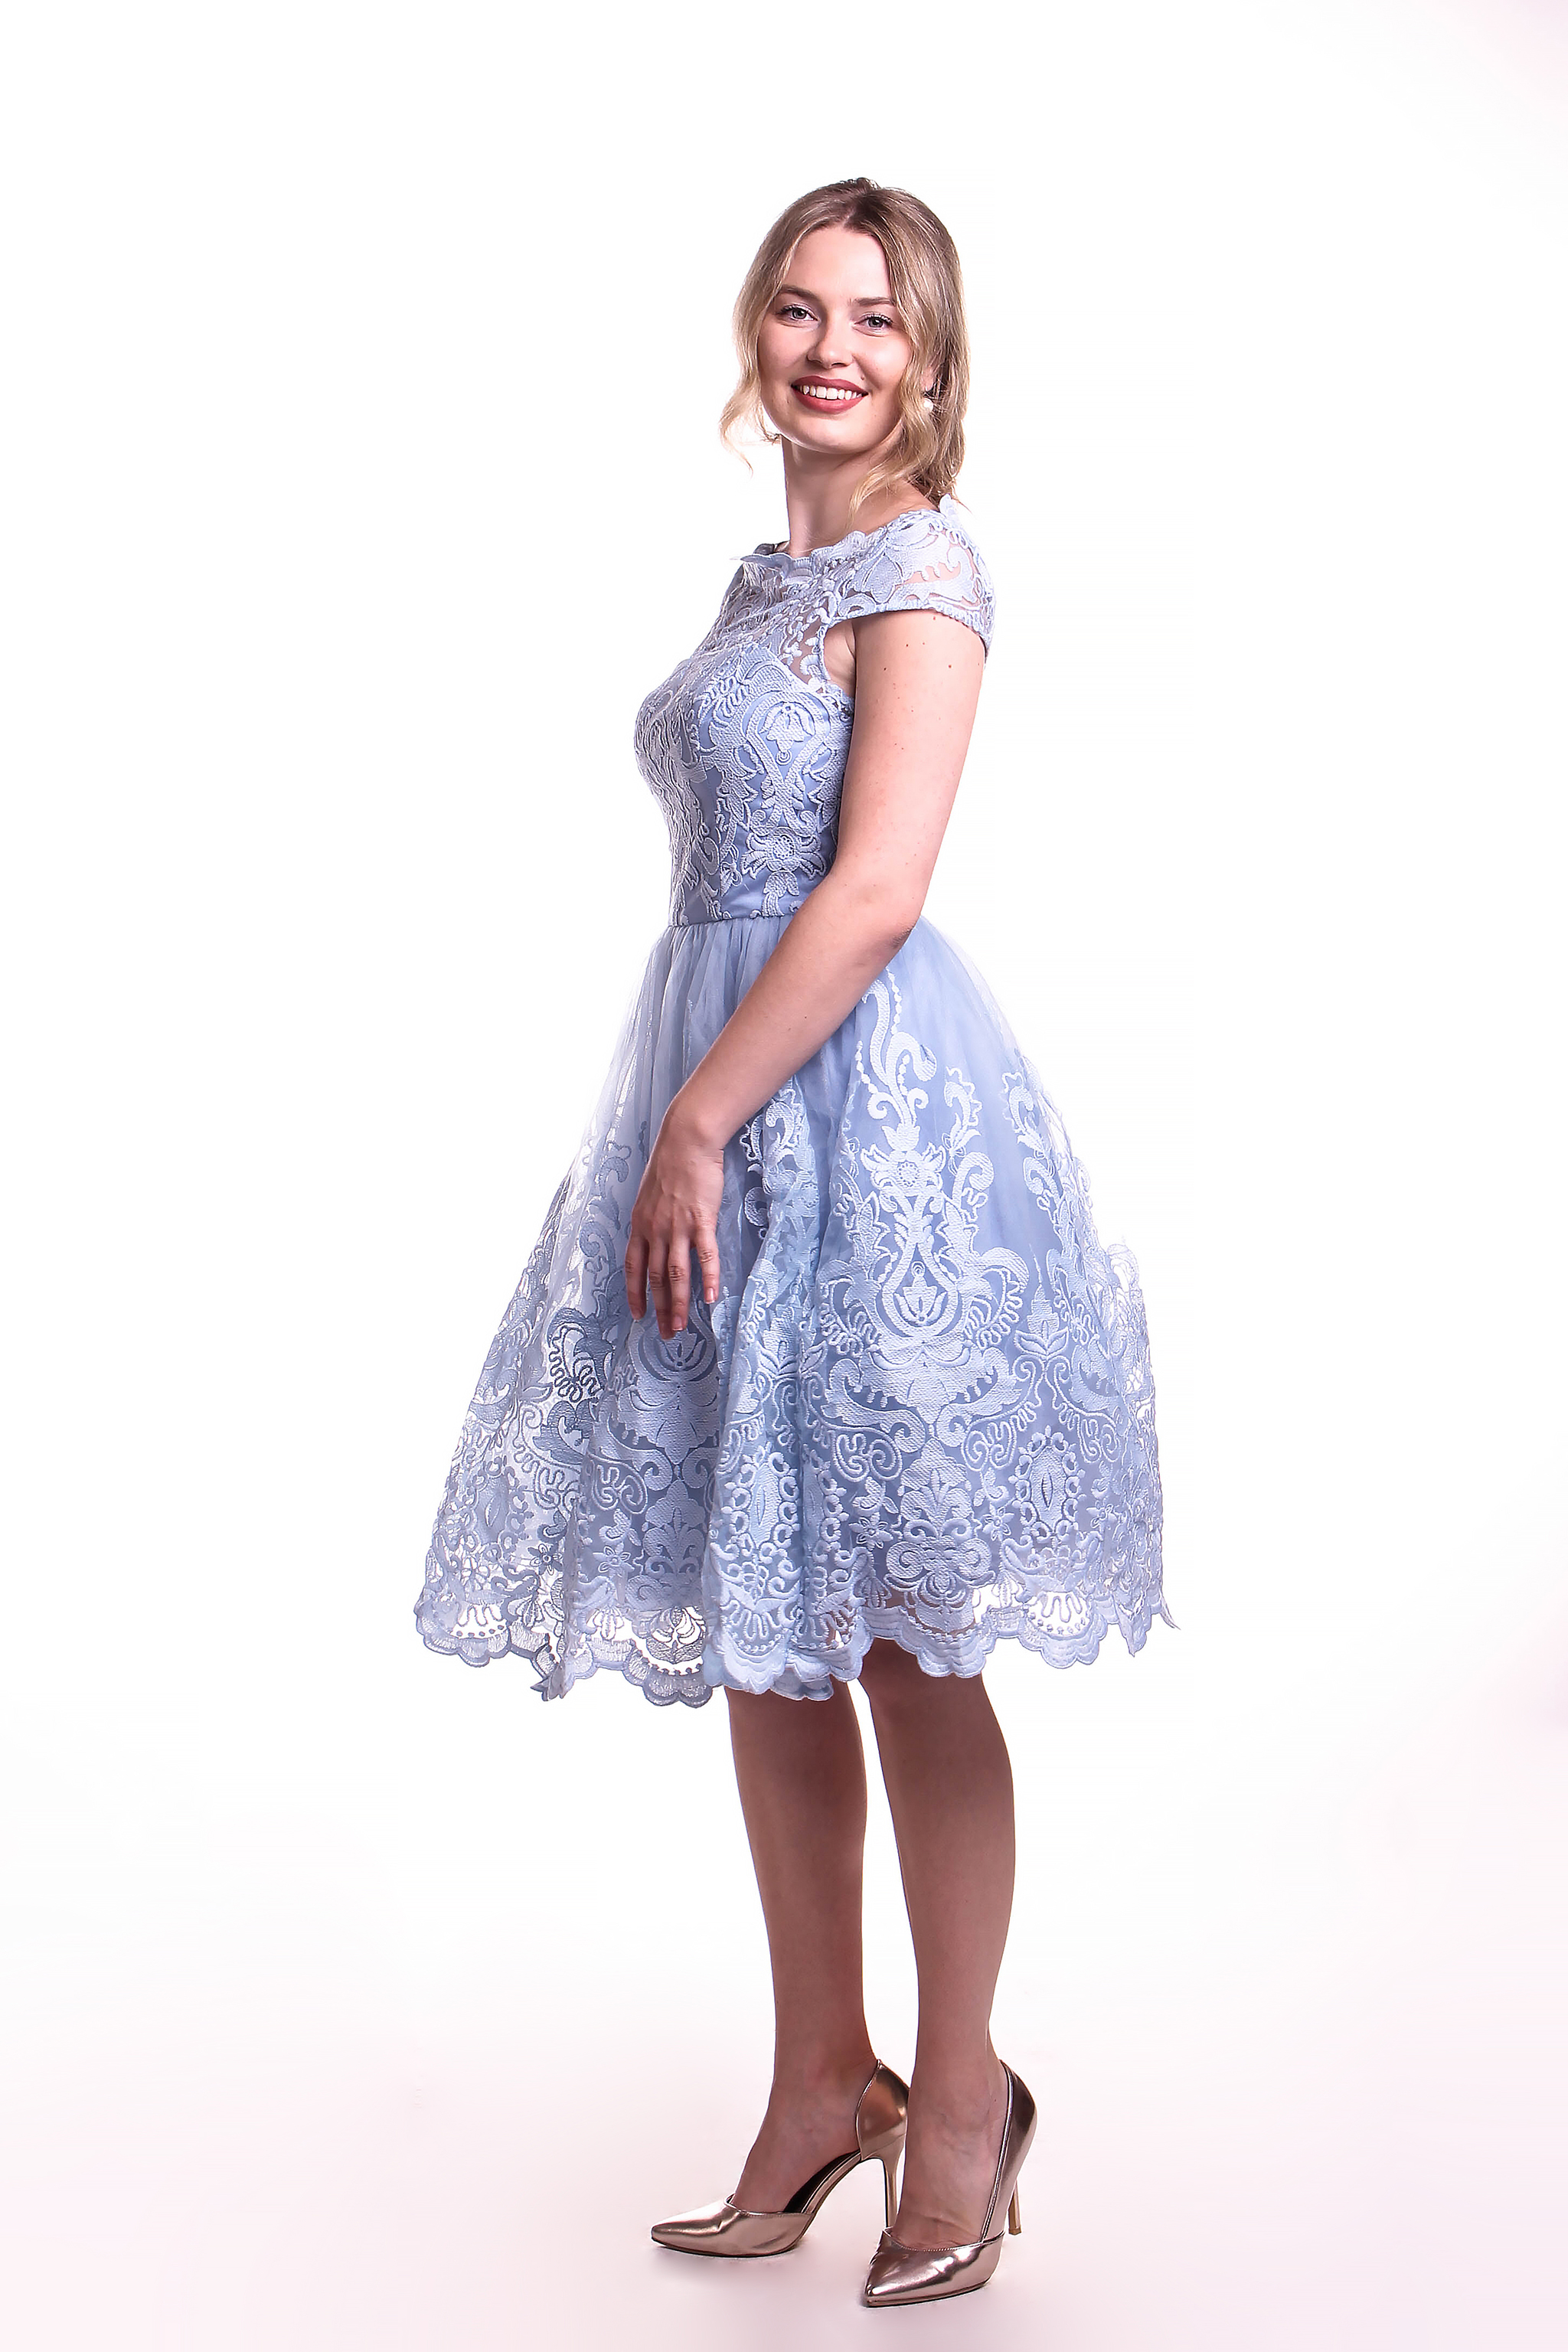 Obrázok 4 Chi-Chi London modré čipkované šaty 5a3afb67db8